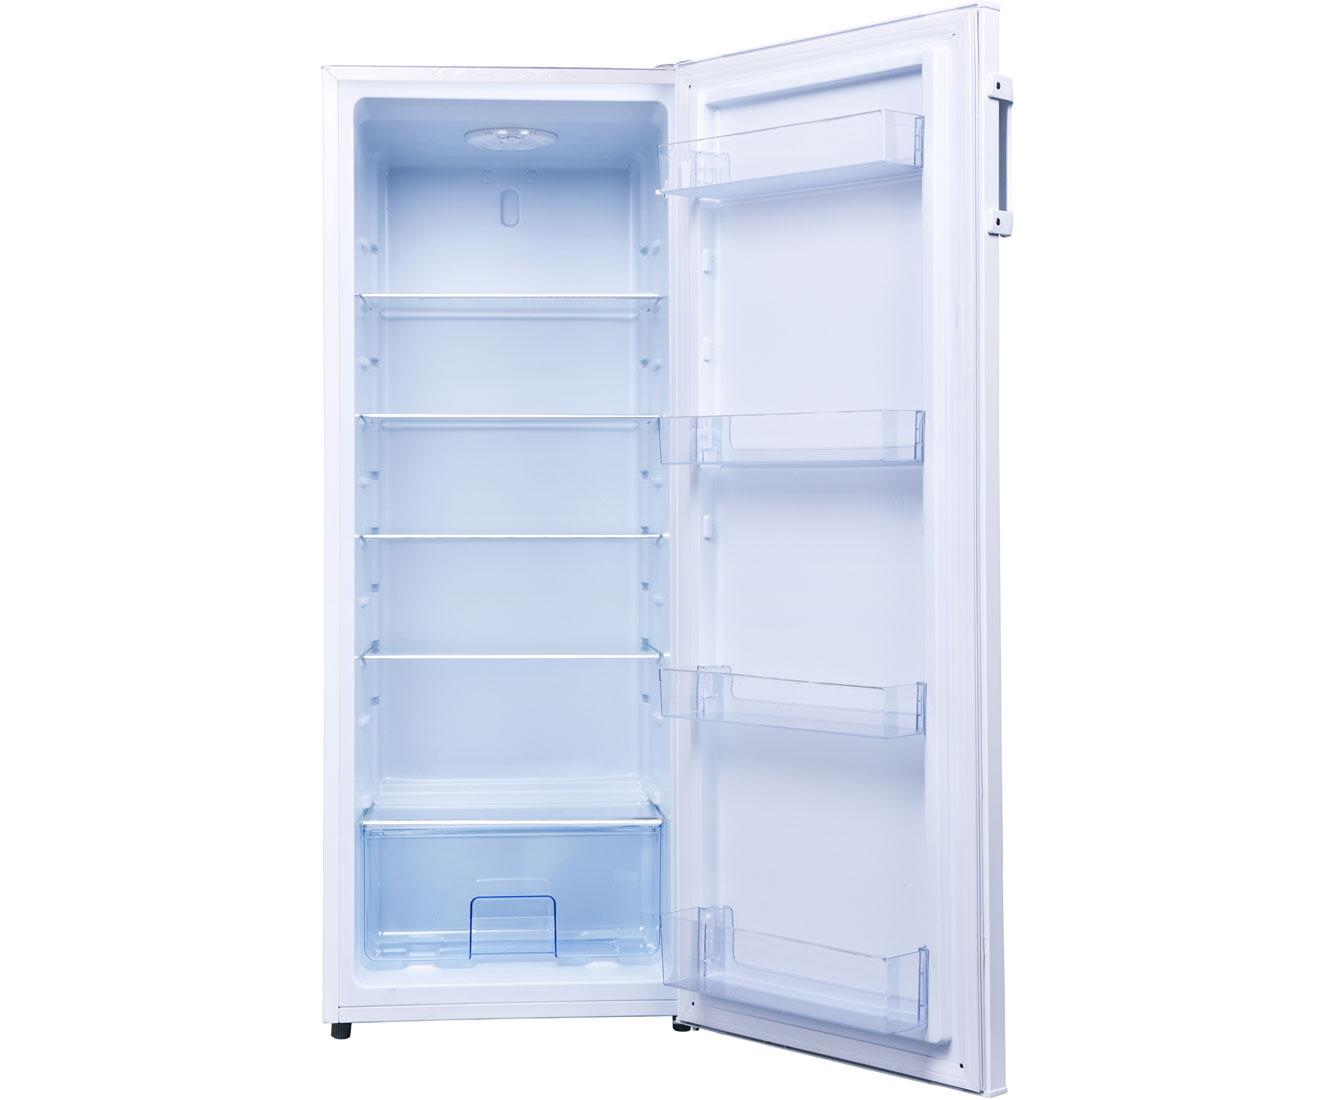 Amica Kühlschrank Erfahrung : Amica kühlschrank test kühlschrank modelle